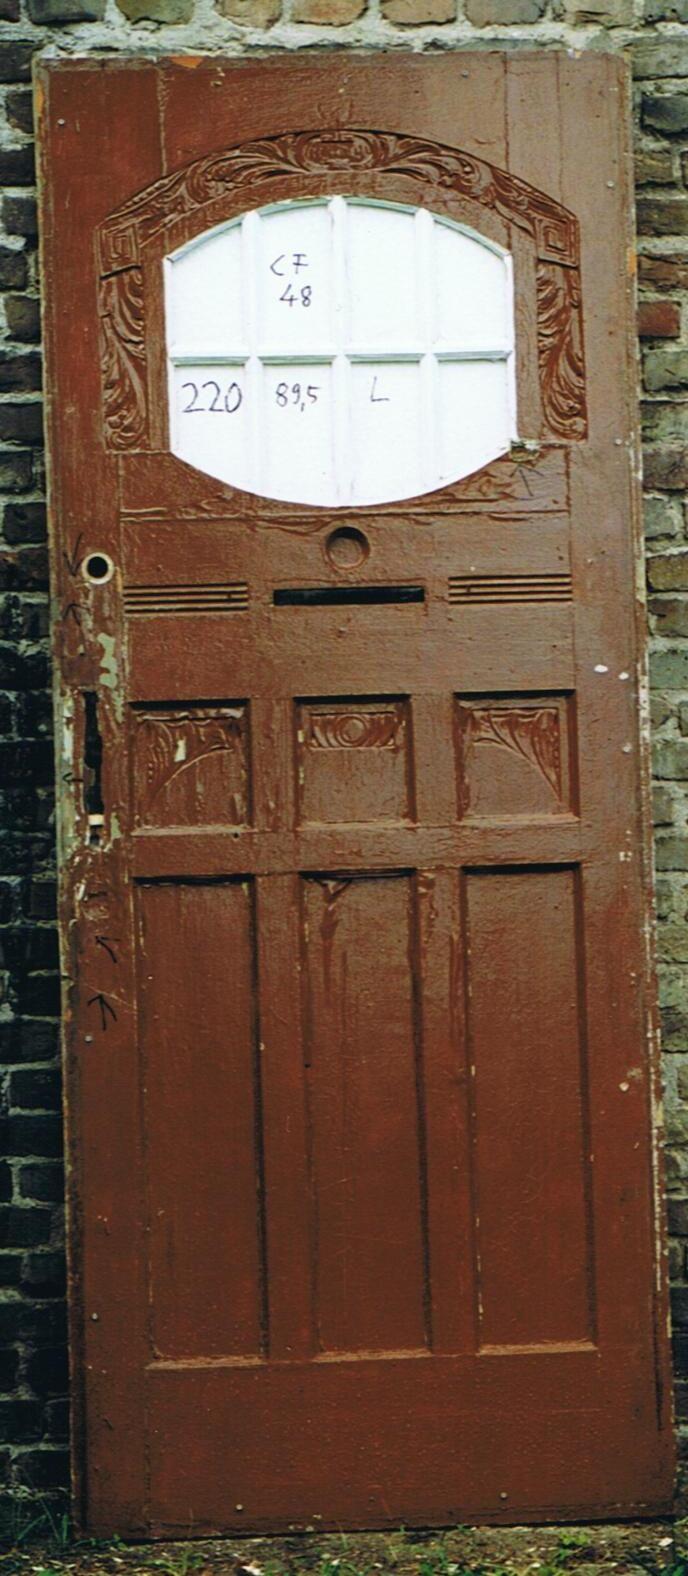 Altberliner Türen altberliner bauelemente historische antike wohnungstüren